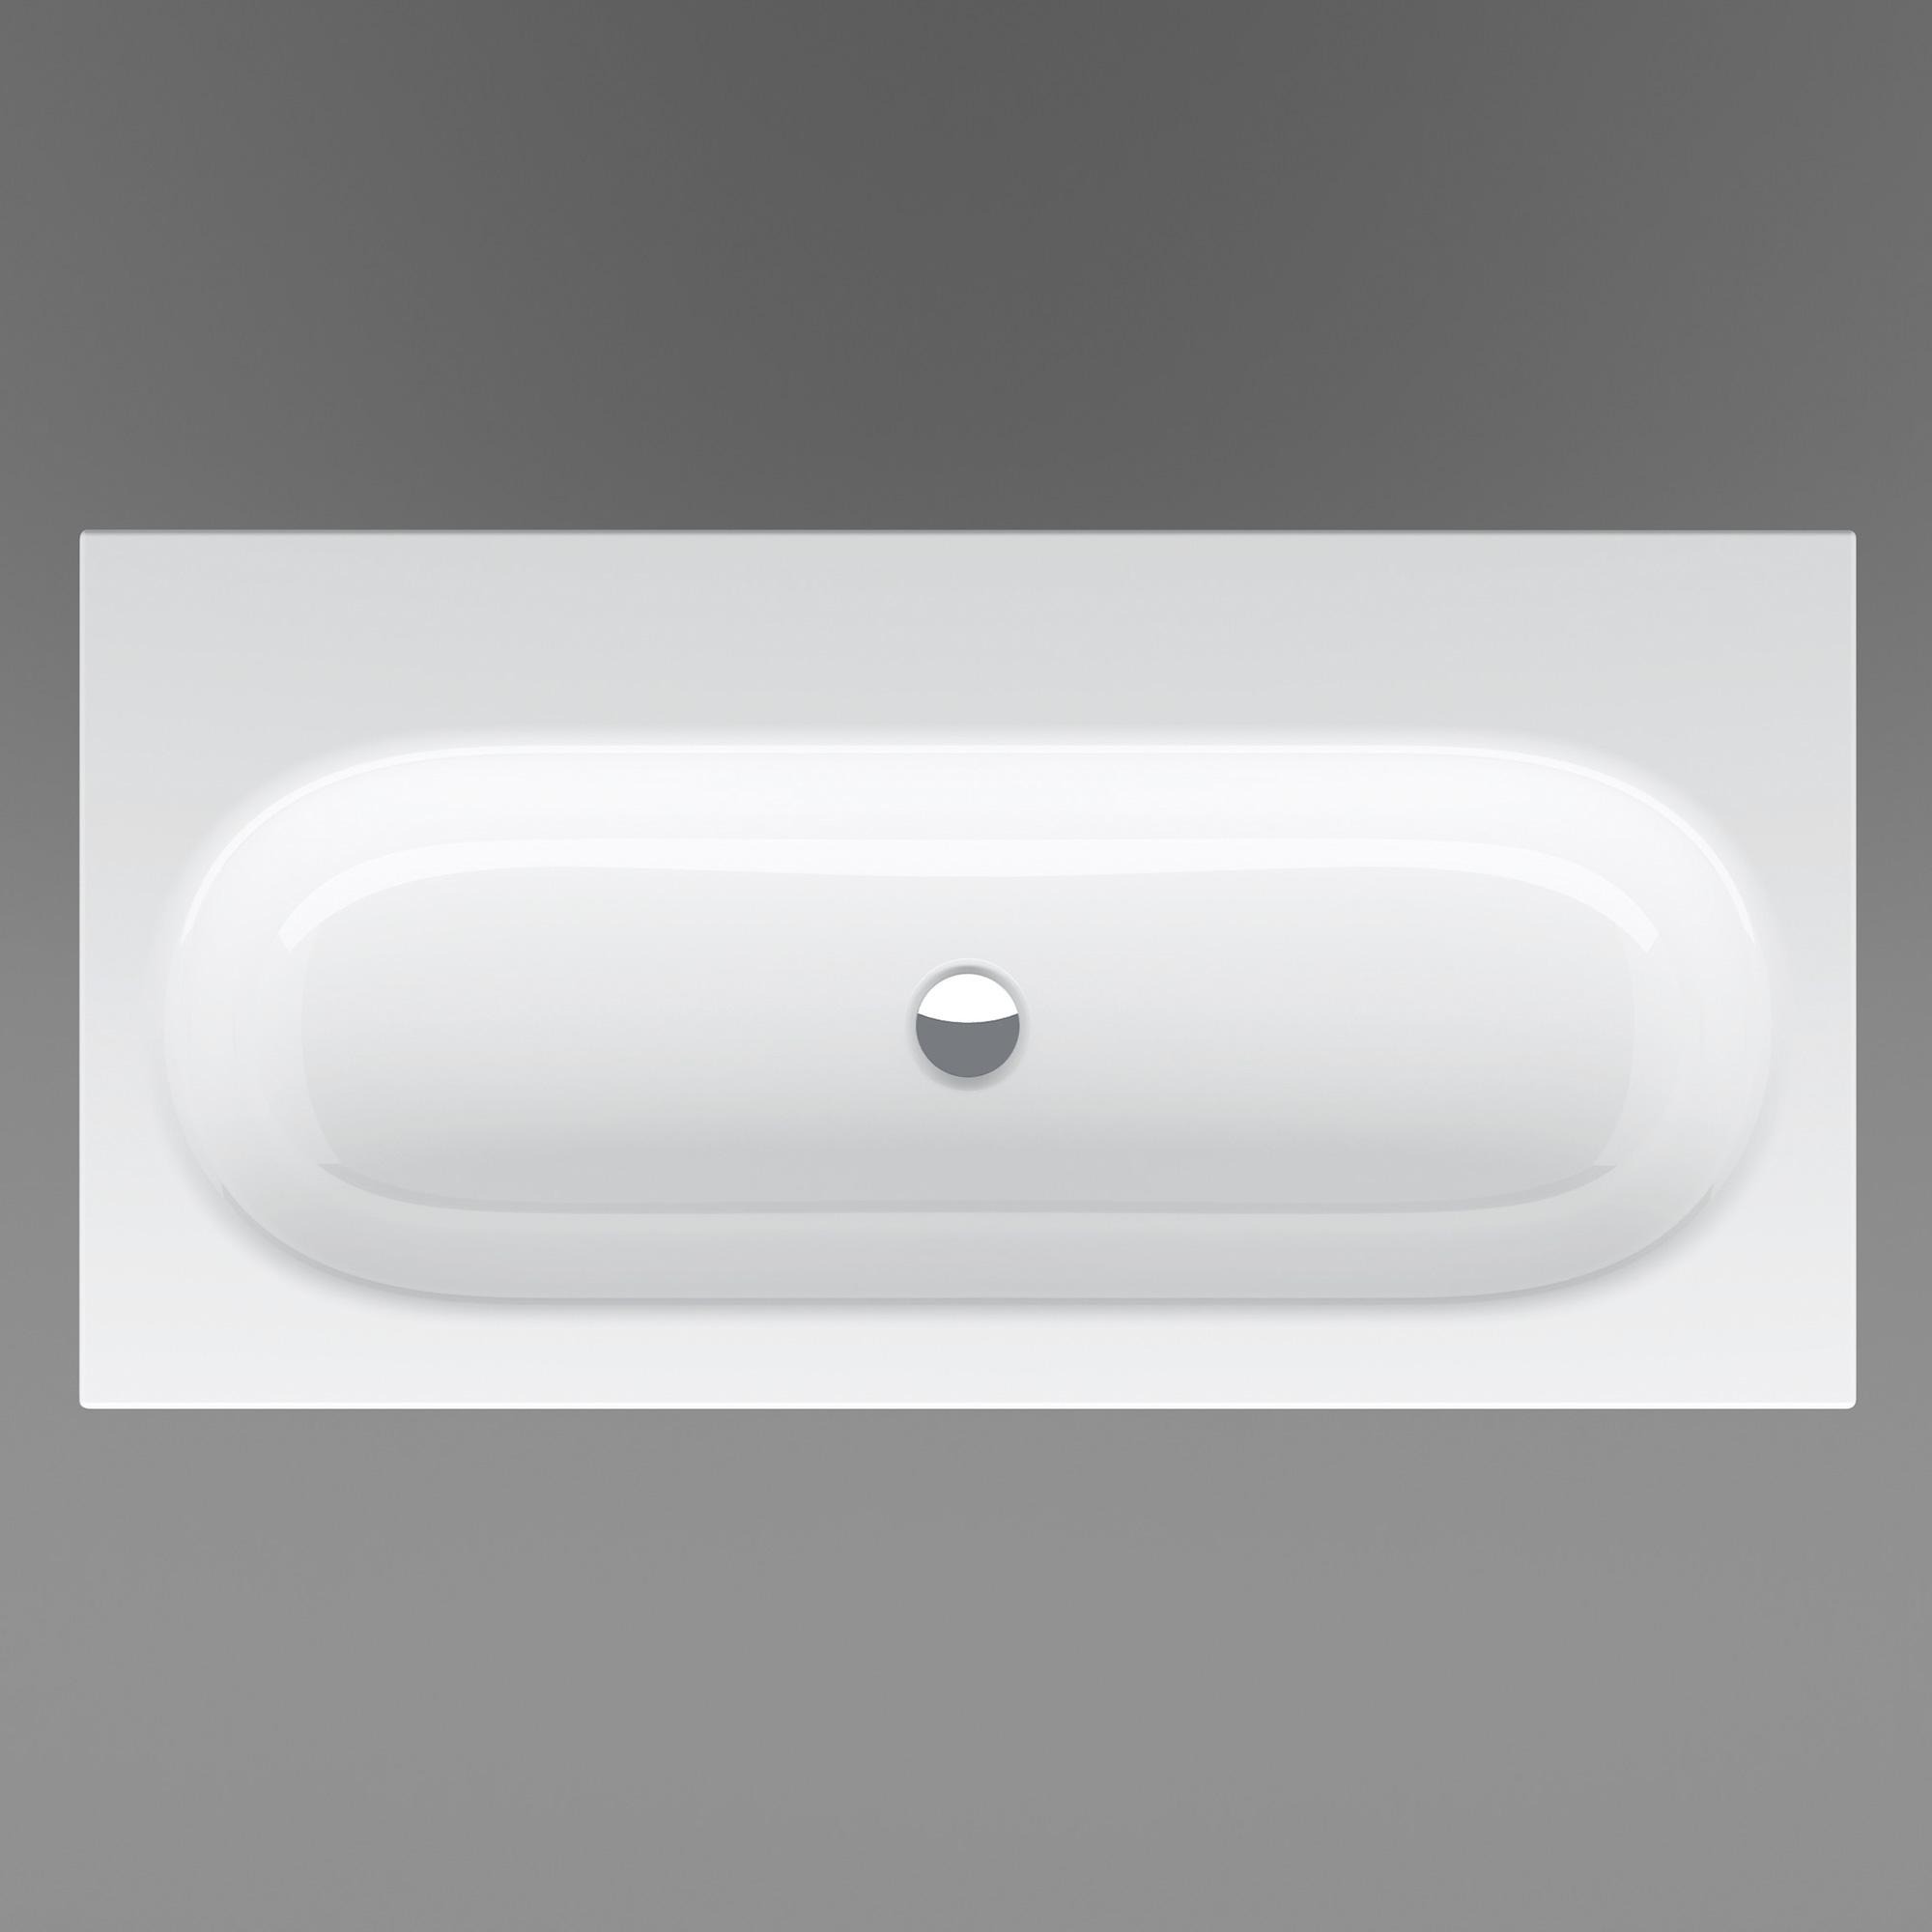 bette comodo einbau waschtisch wei a202 000 reuter. Black Bedroom Furniture Sets. Home Design Ideas